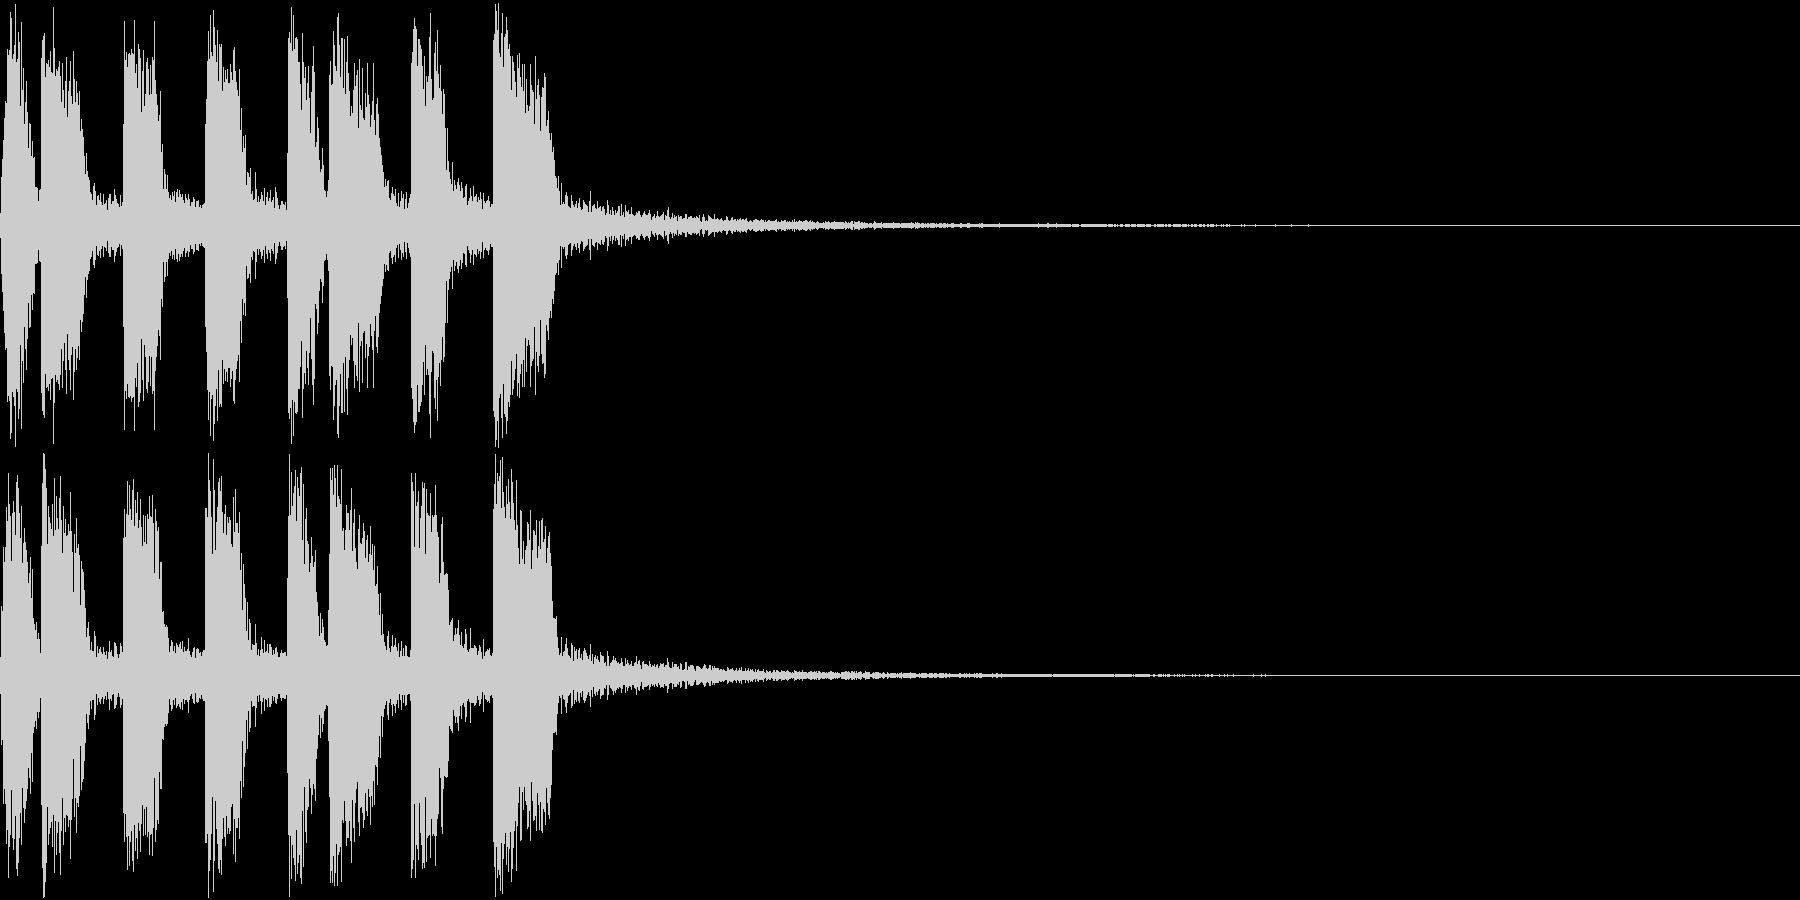 アイテム ファンファーレ ゲット音 2の未再生の波形